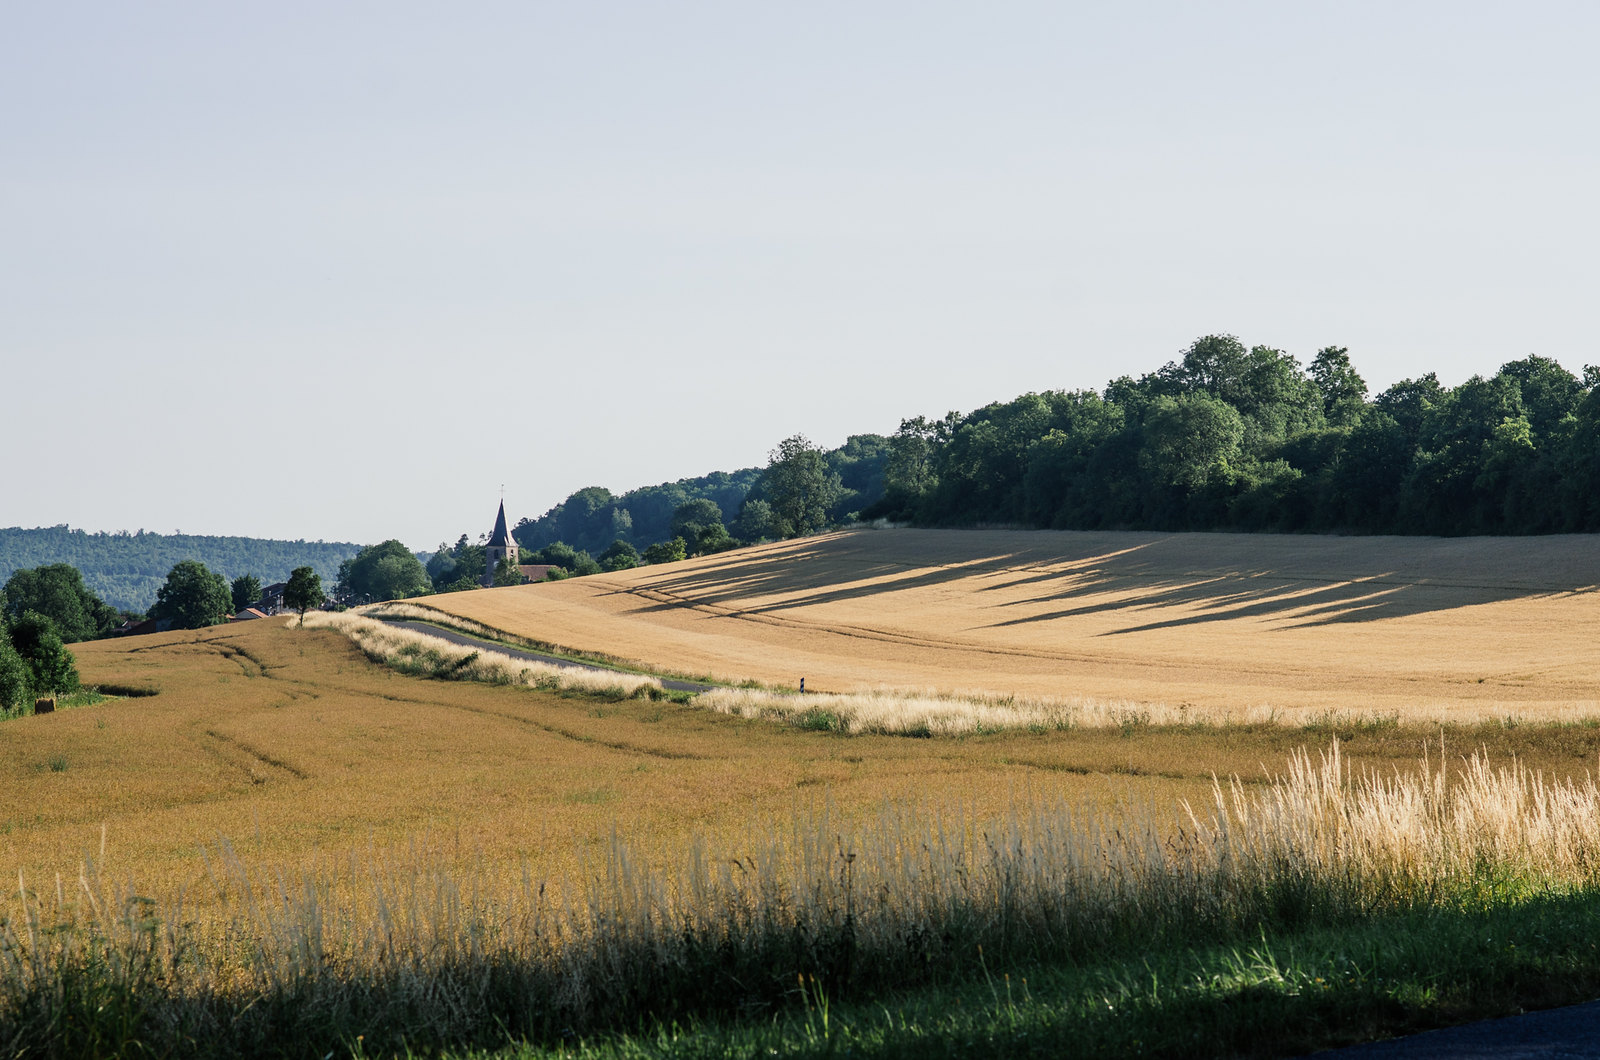 Tourisme rural dans le Meuse - Canicule, confiture et agriculture